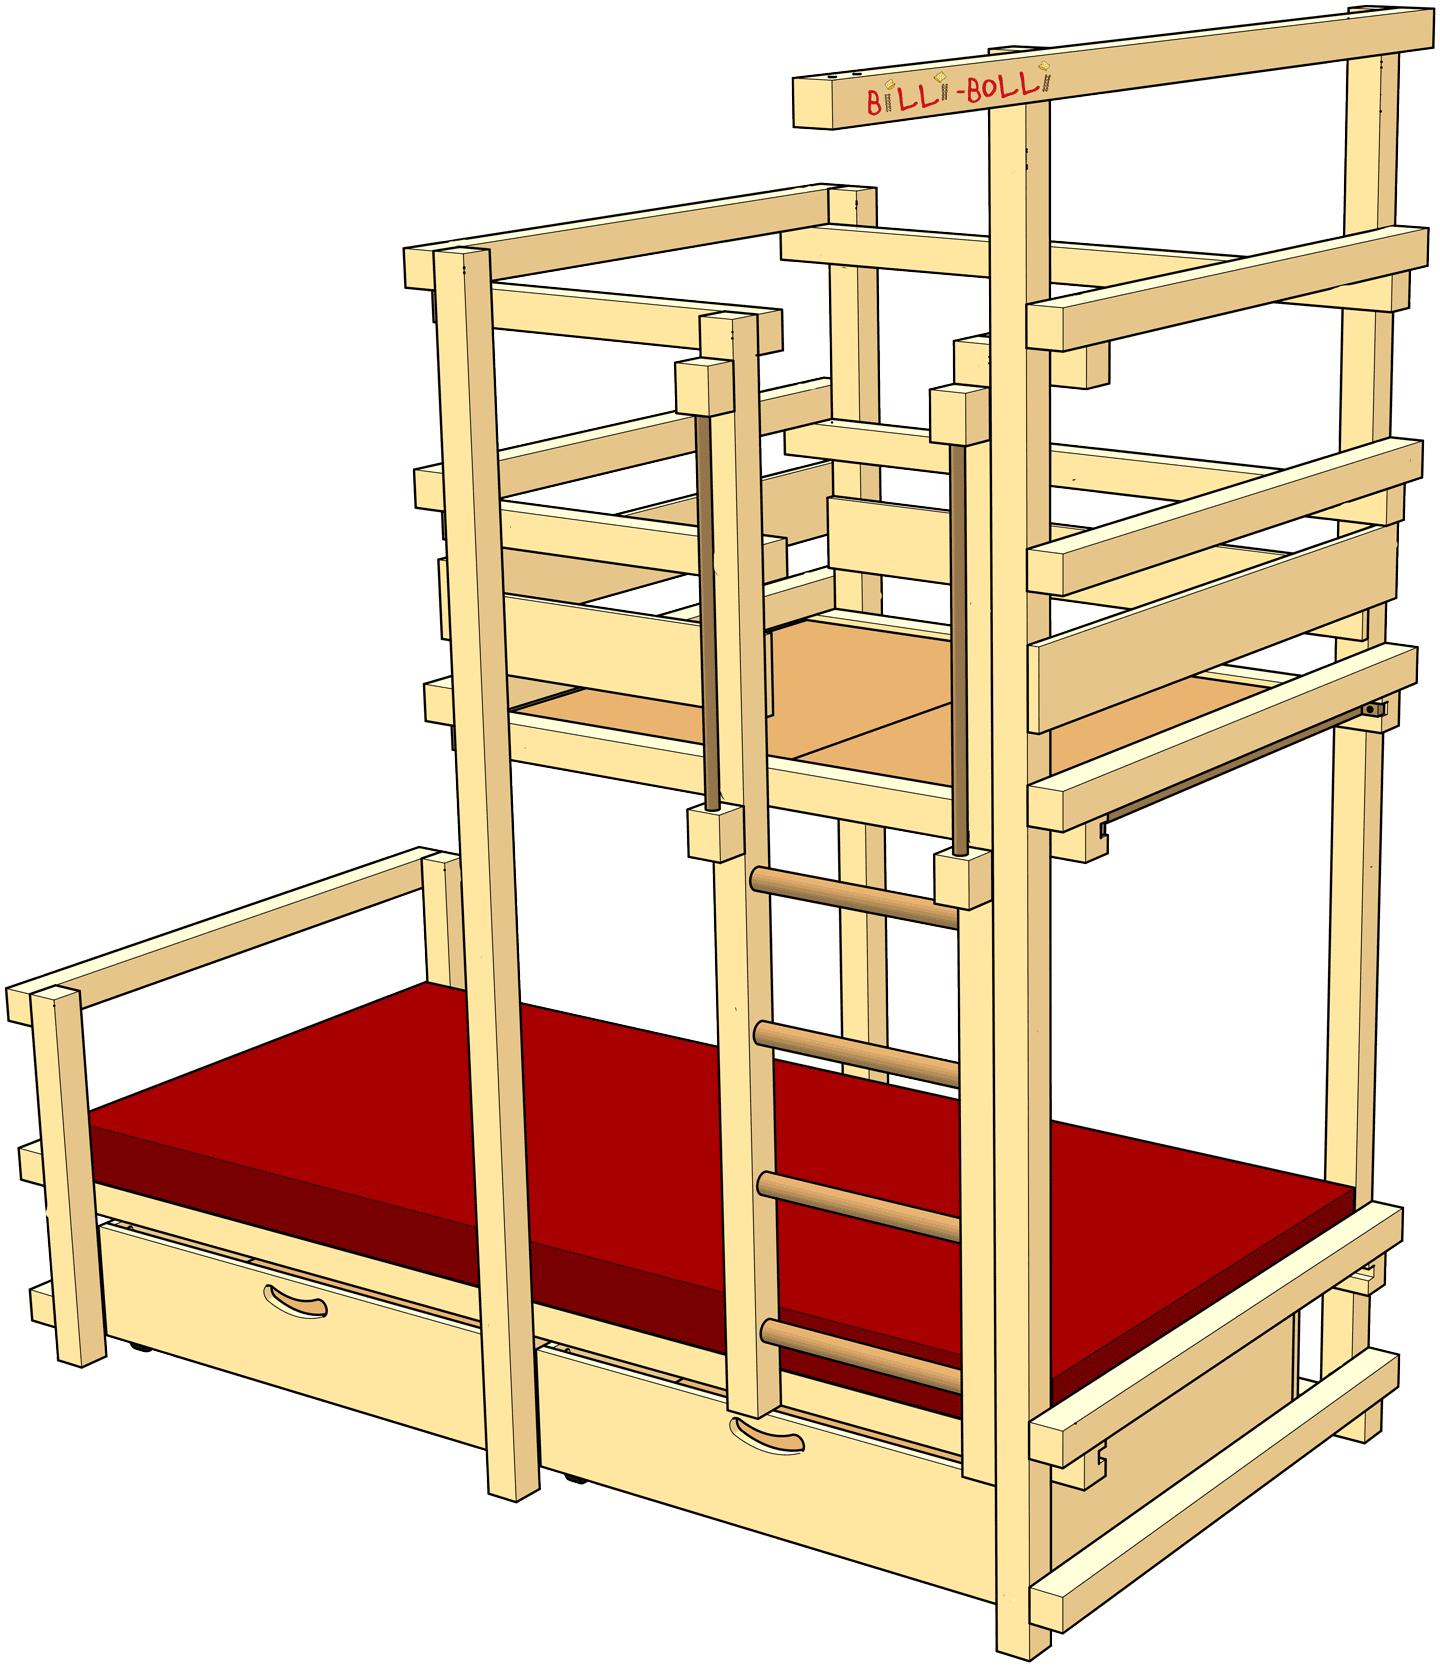 DachschrägenSpielbett Kinder bett, Bett, Kinderbett